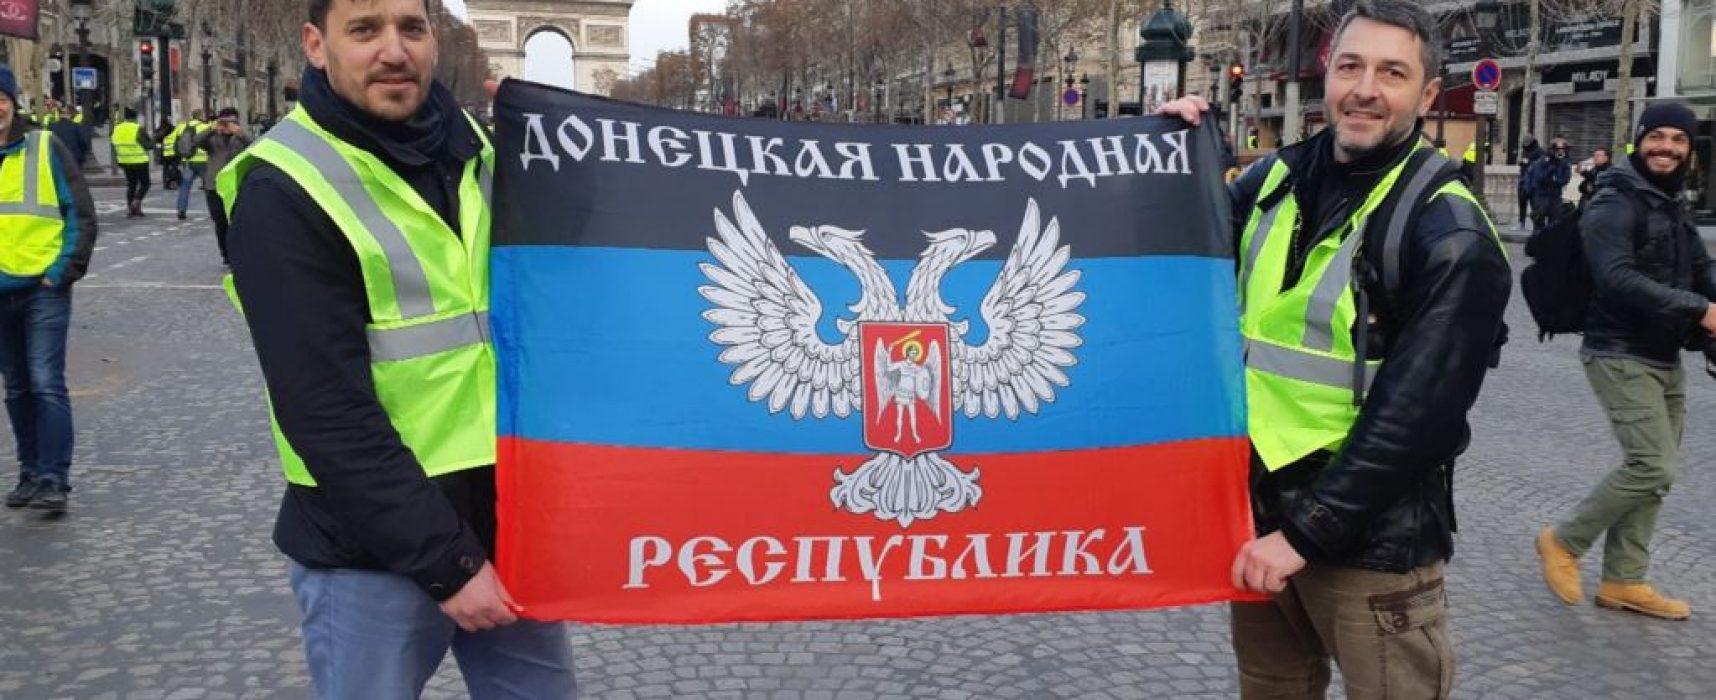 Флаг «ДНР» в Париже. Кто его развернул?